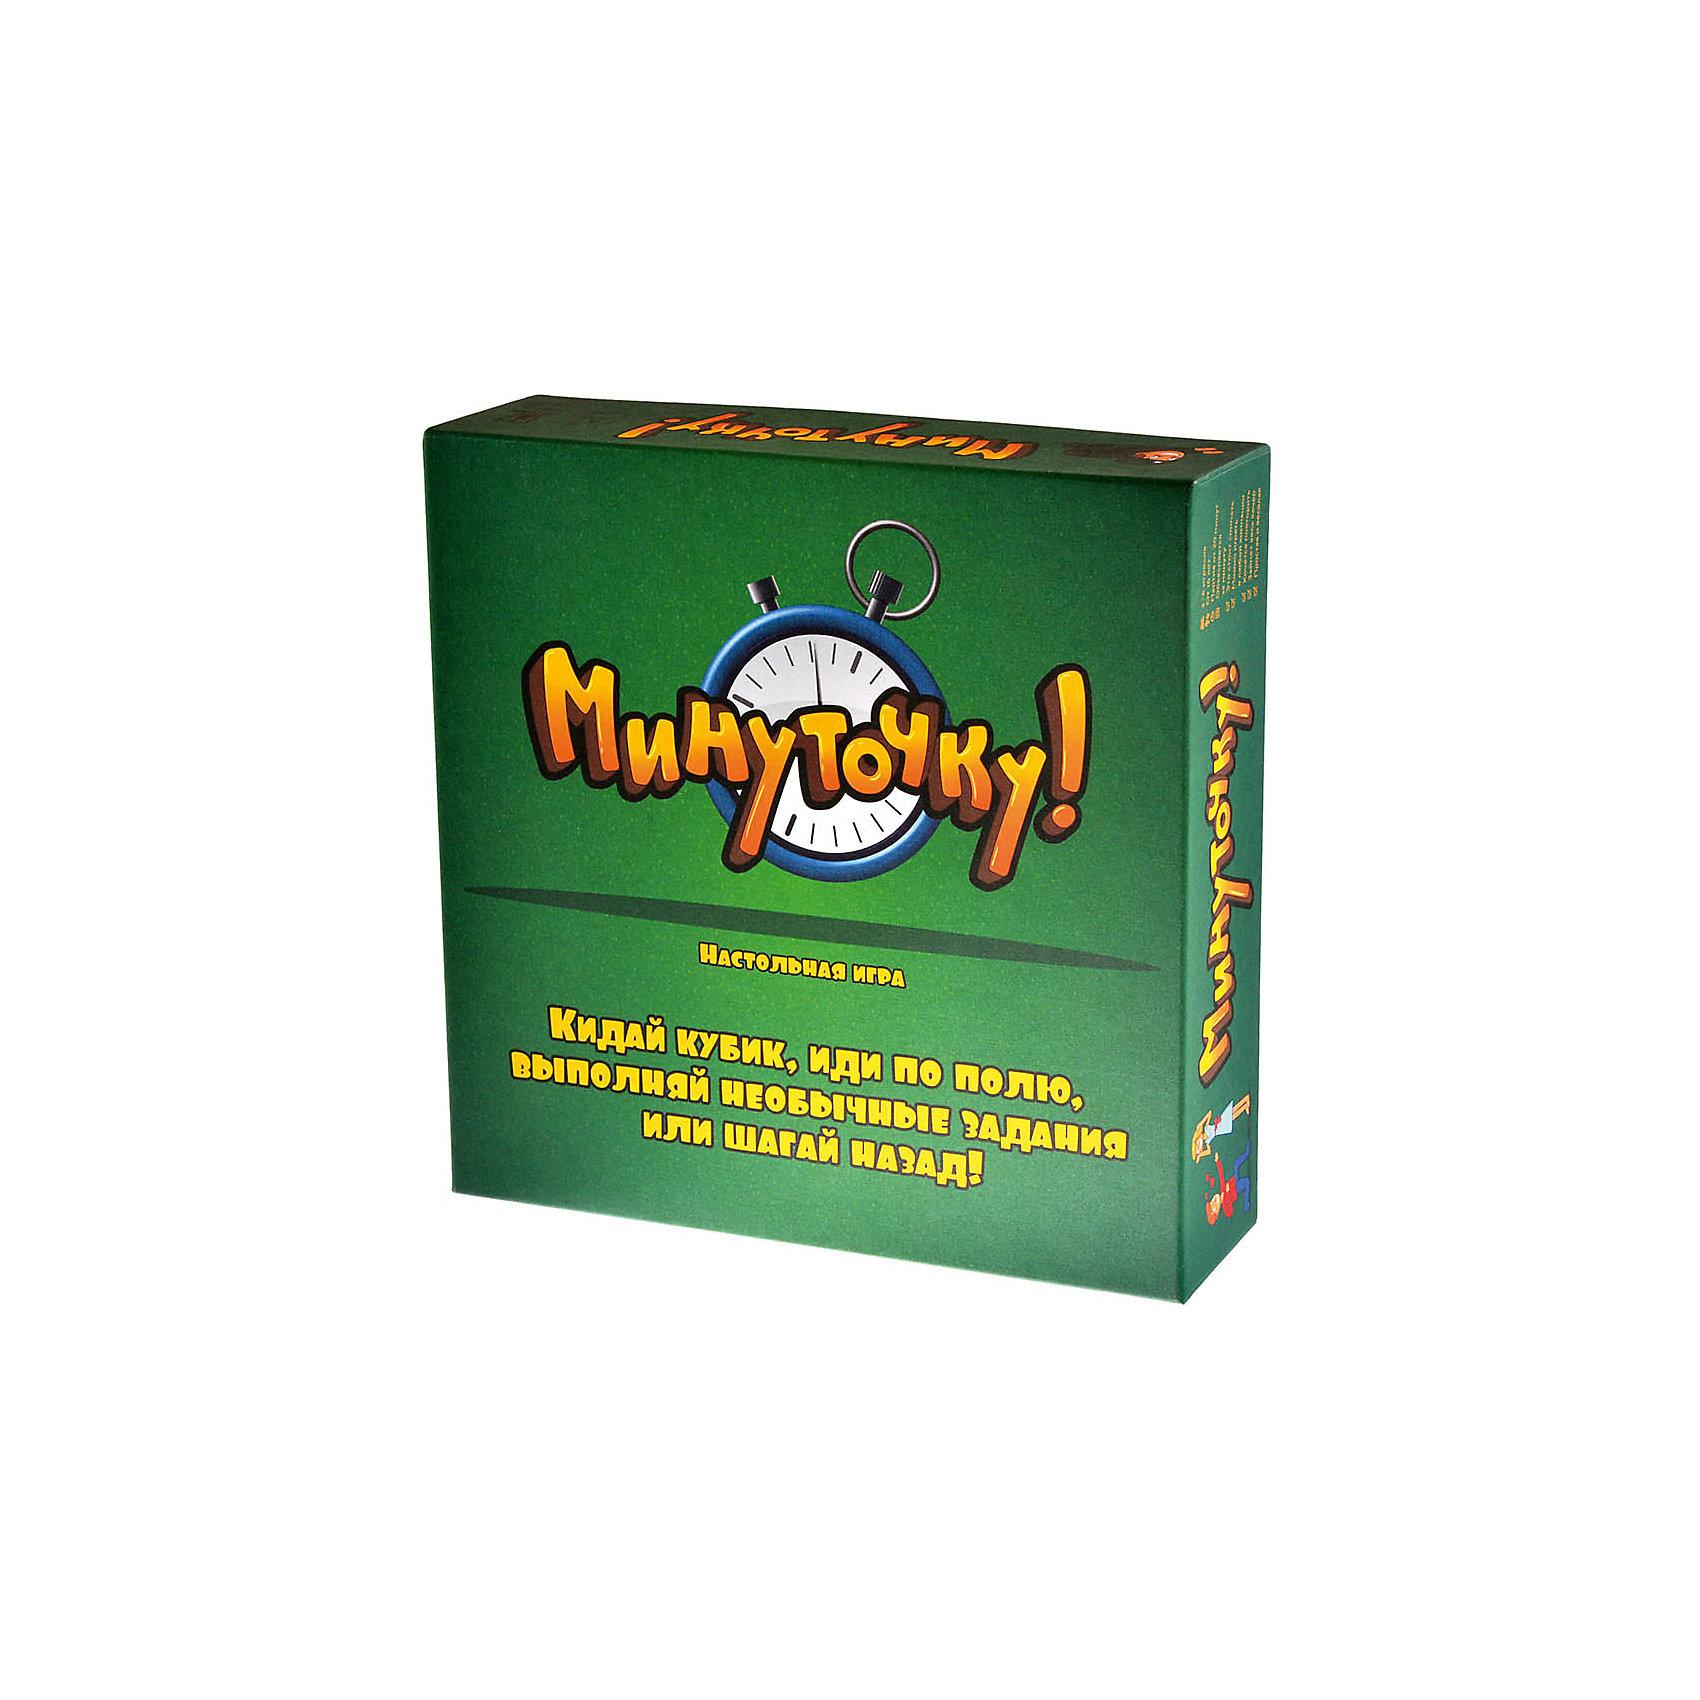 Настольная игра Минуточку!, МагелланНастольные игры ходилки<br>Характеристики:<br><br>• возраст: от 6 лет<br>• комплектация: игровое поле; 300 карт (25 карт мин, 40 карт дуэлей, 100 карт заданий, 135 карт викторин); 6 фишек игроков; 25 фишек мин; шестигранный кубик; песочные часы на 1 минуту; правила.<br>• материал: картон, пластик<br>• количество игроков: от 2 до 6 человека<br>• время игры: 20 минут<br>• упаковка: картонная коробка<br>• размер упаковки: 26х26х7,5 см.<br>• вес: 1,22 кг.<br><br>Настольная игра «Минуточку!» прекрасно подойдет для игры в семейном кругу, на праздниках или вечеринках.<br><br>Вы кидаете кубик, двигаете фишку по полю и выполняете задание. Бывает, вам нужно ответить на вопрос викторины, бывает — обыграть другого игрока в мини-игру, а бывает — выполнить короткое необычное задание. На выполнение каждого задания дается одна минута. Если получается, вы остаётесь, где стояли, если нет — идёте назад. Кто первым дойдёт до финиша, тот выиграл.<br><br>Настольную игру Минуточку!, Магеллан можно купить в нашем интернет-магазине.<br><br>Ширина мм: 260<br>Глубина мм: 260<br>Высота мм: 75<br>Вес г: 1220<br>Возраст от месяцев: 72<br>Возраст до месяцев: 2147483647<br>Пол: Унисекс<br>Возраст: Детский<br>SKU: 7036626